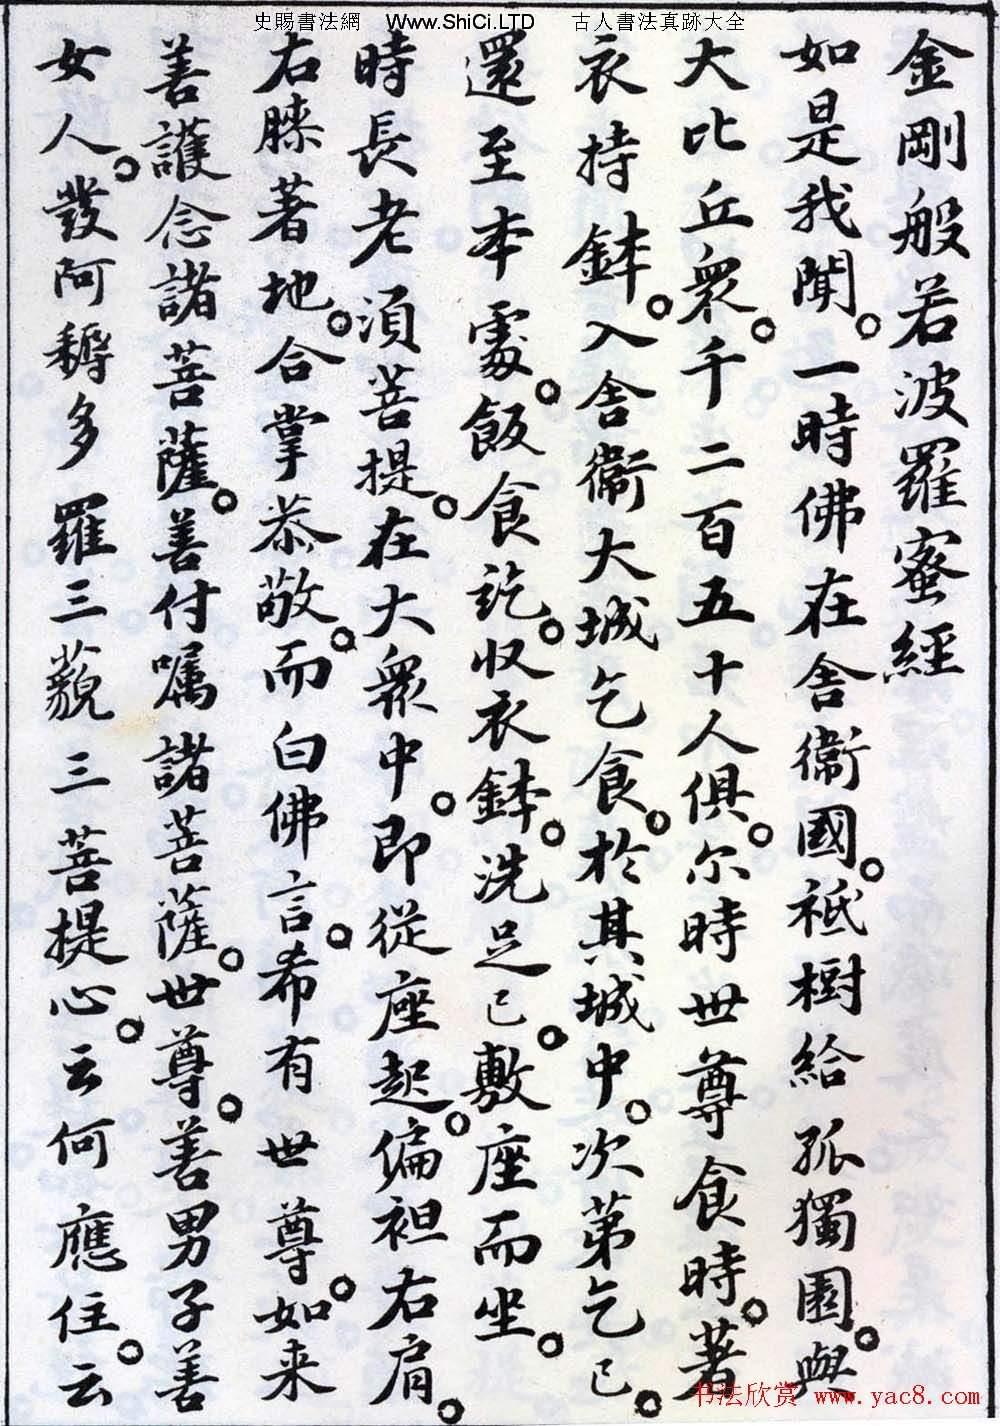 北宋蘇軾小楷真跡欣賞《金剛經》(共19張圖片)